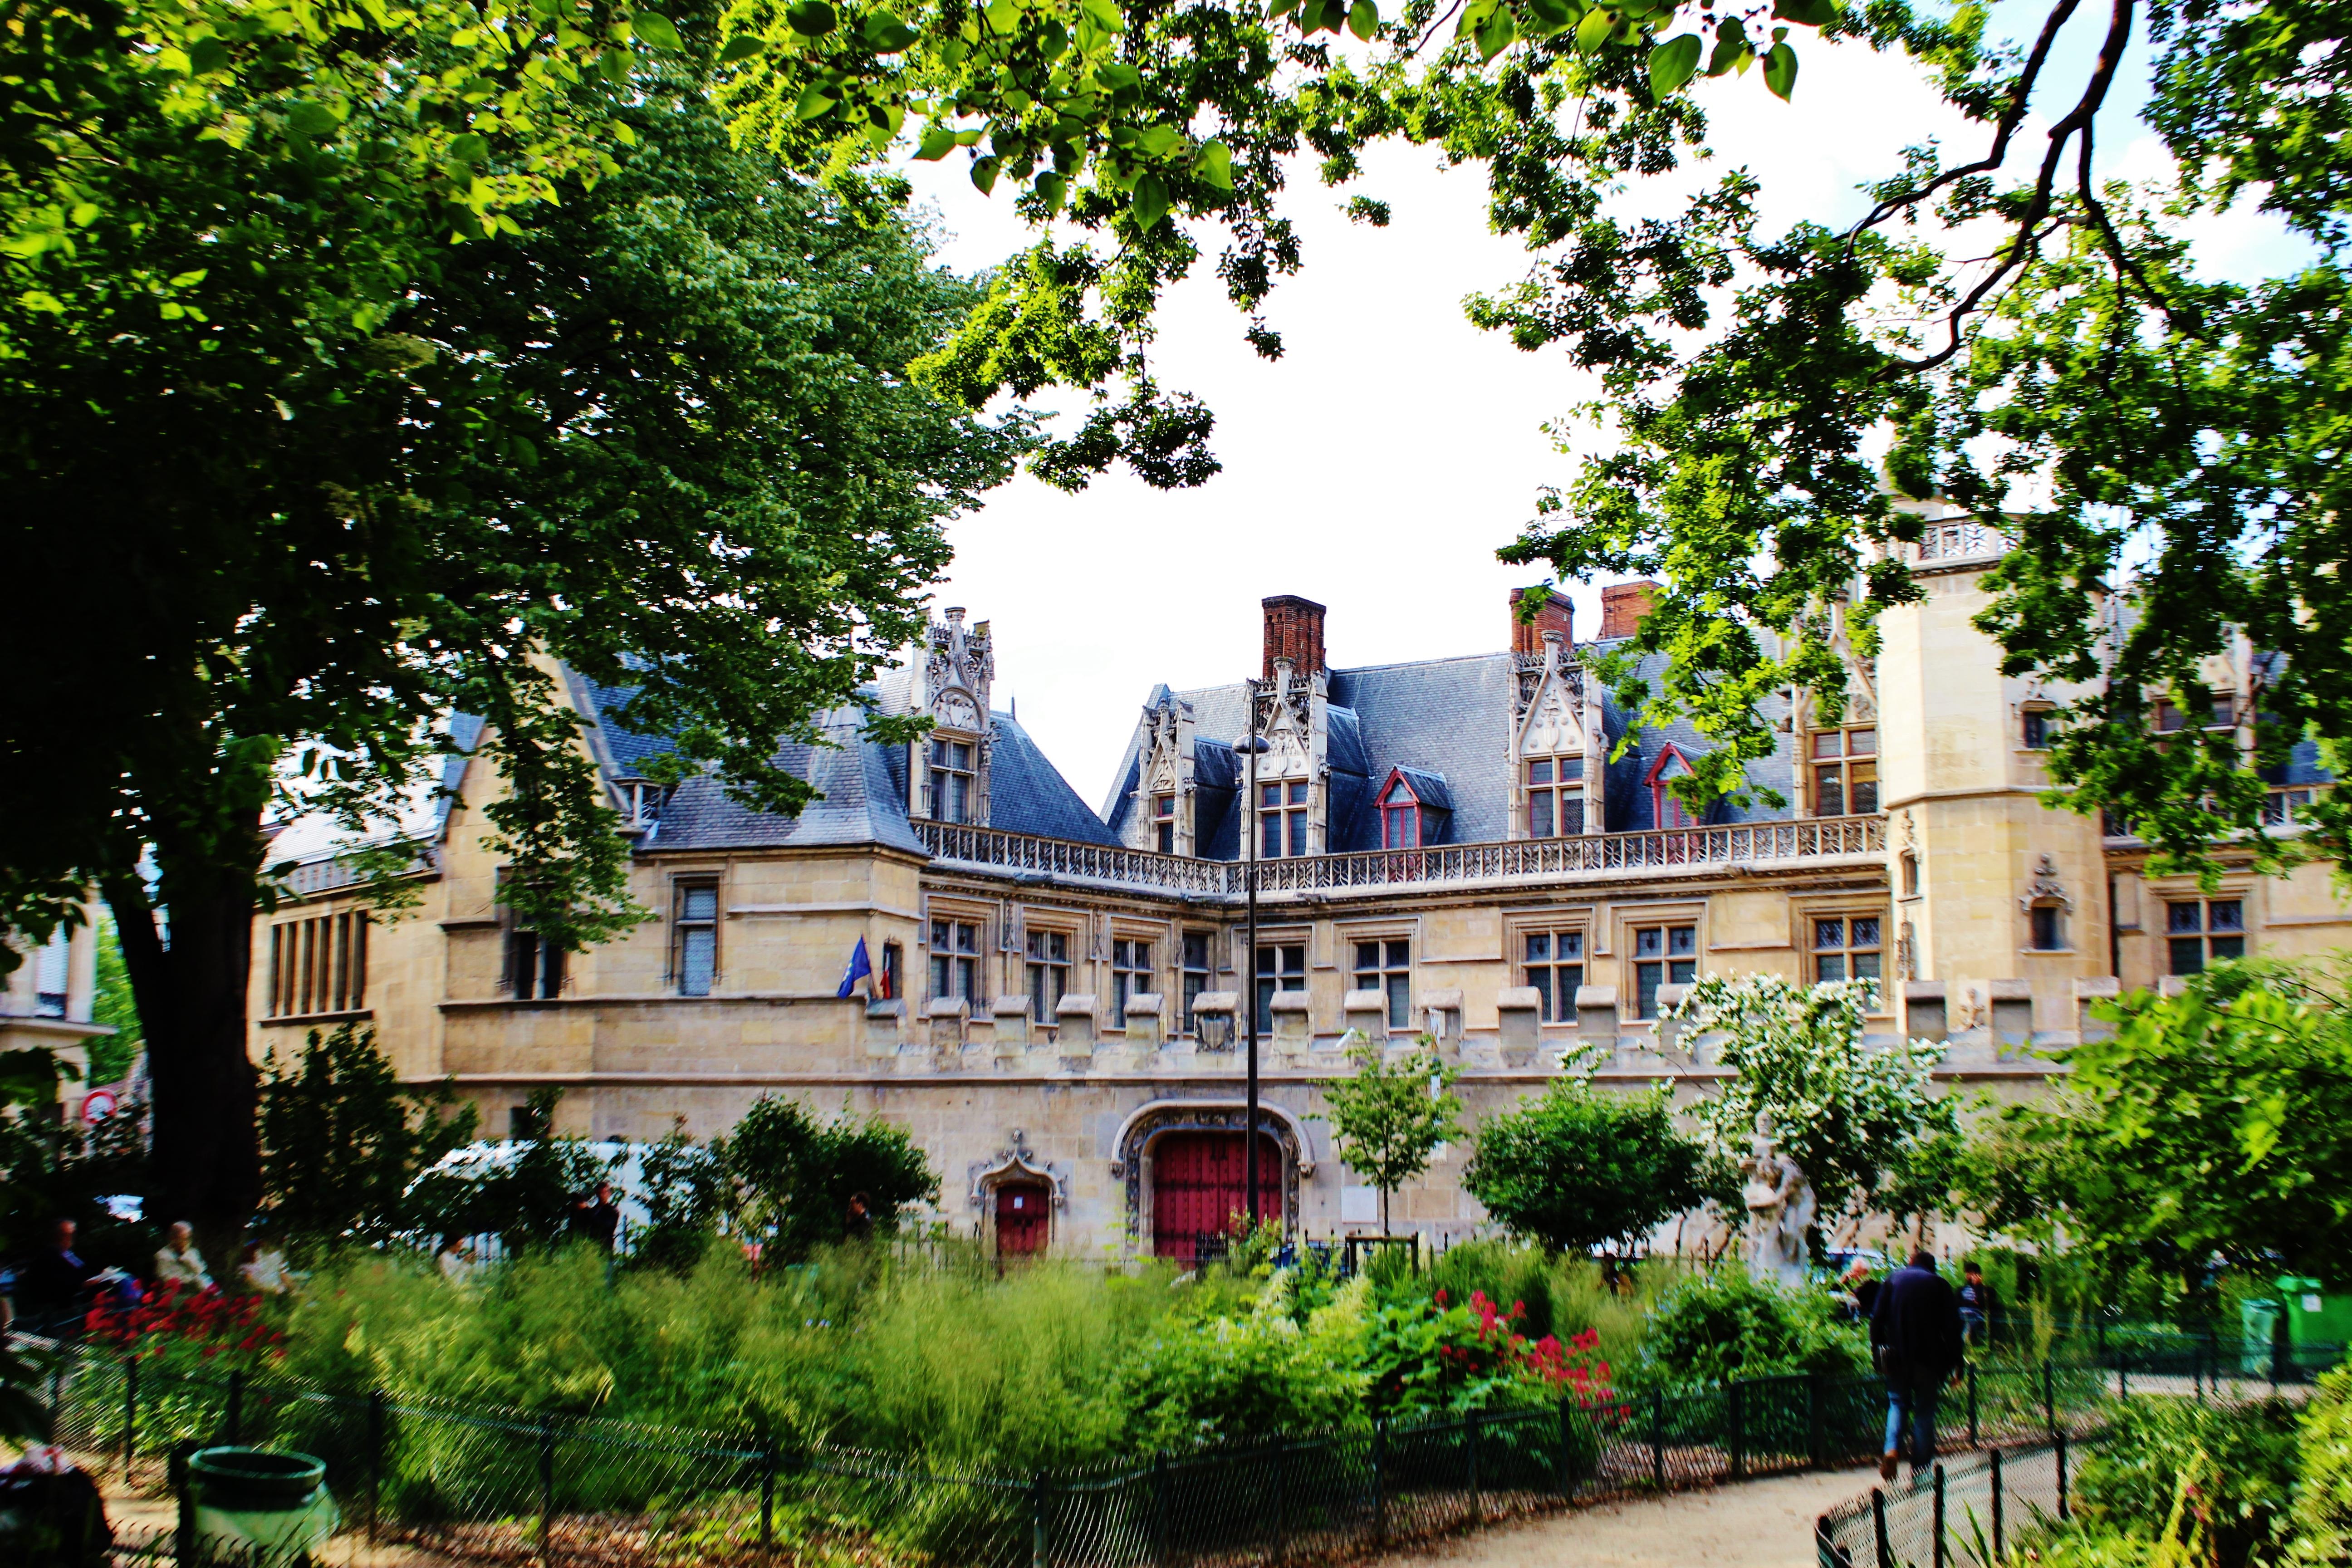 filele jardin du luxembourg paris france panoramio 2 - Le Jardin Du Luxembourg